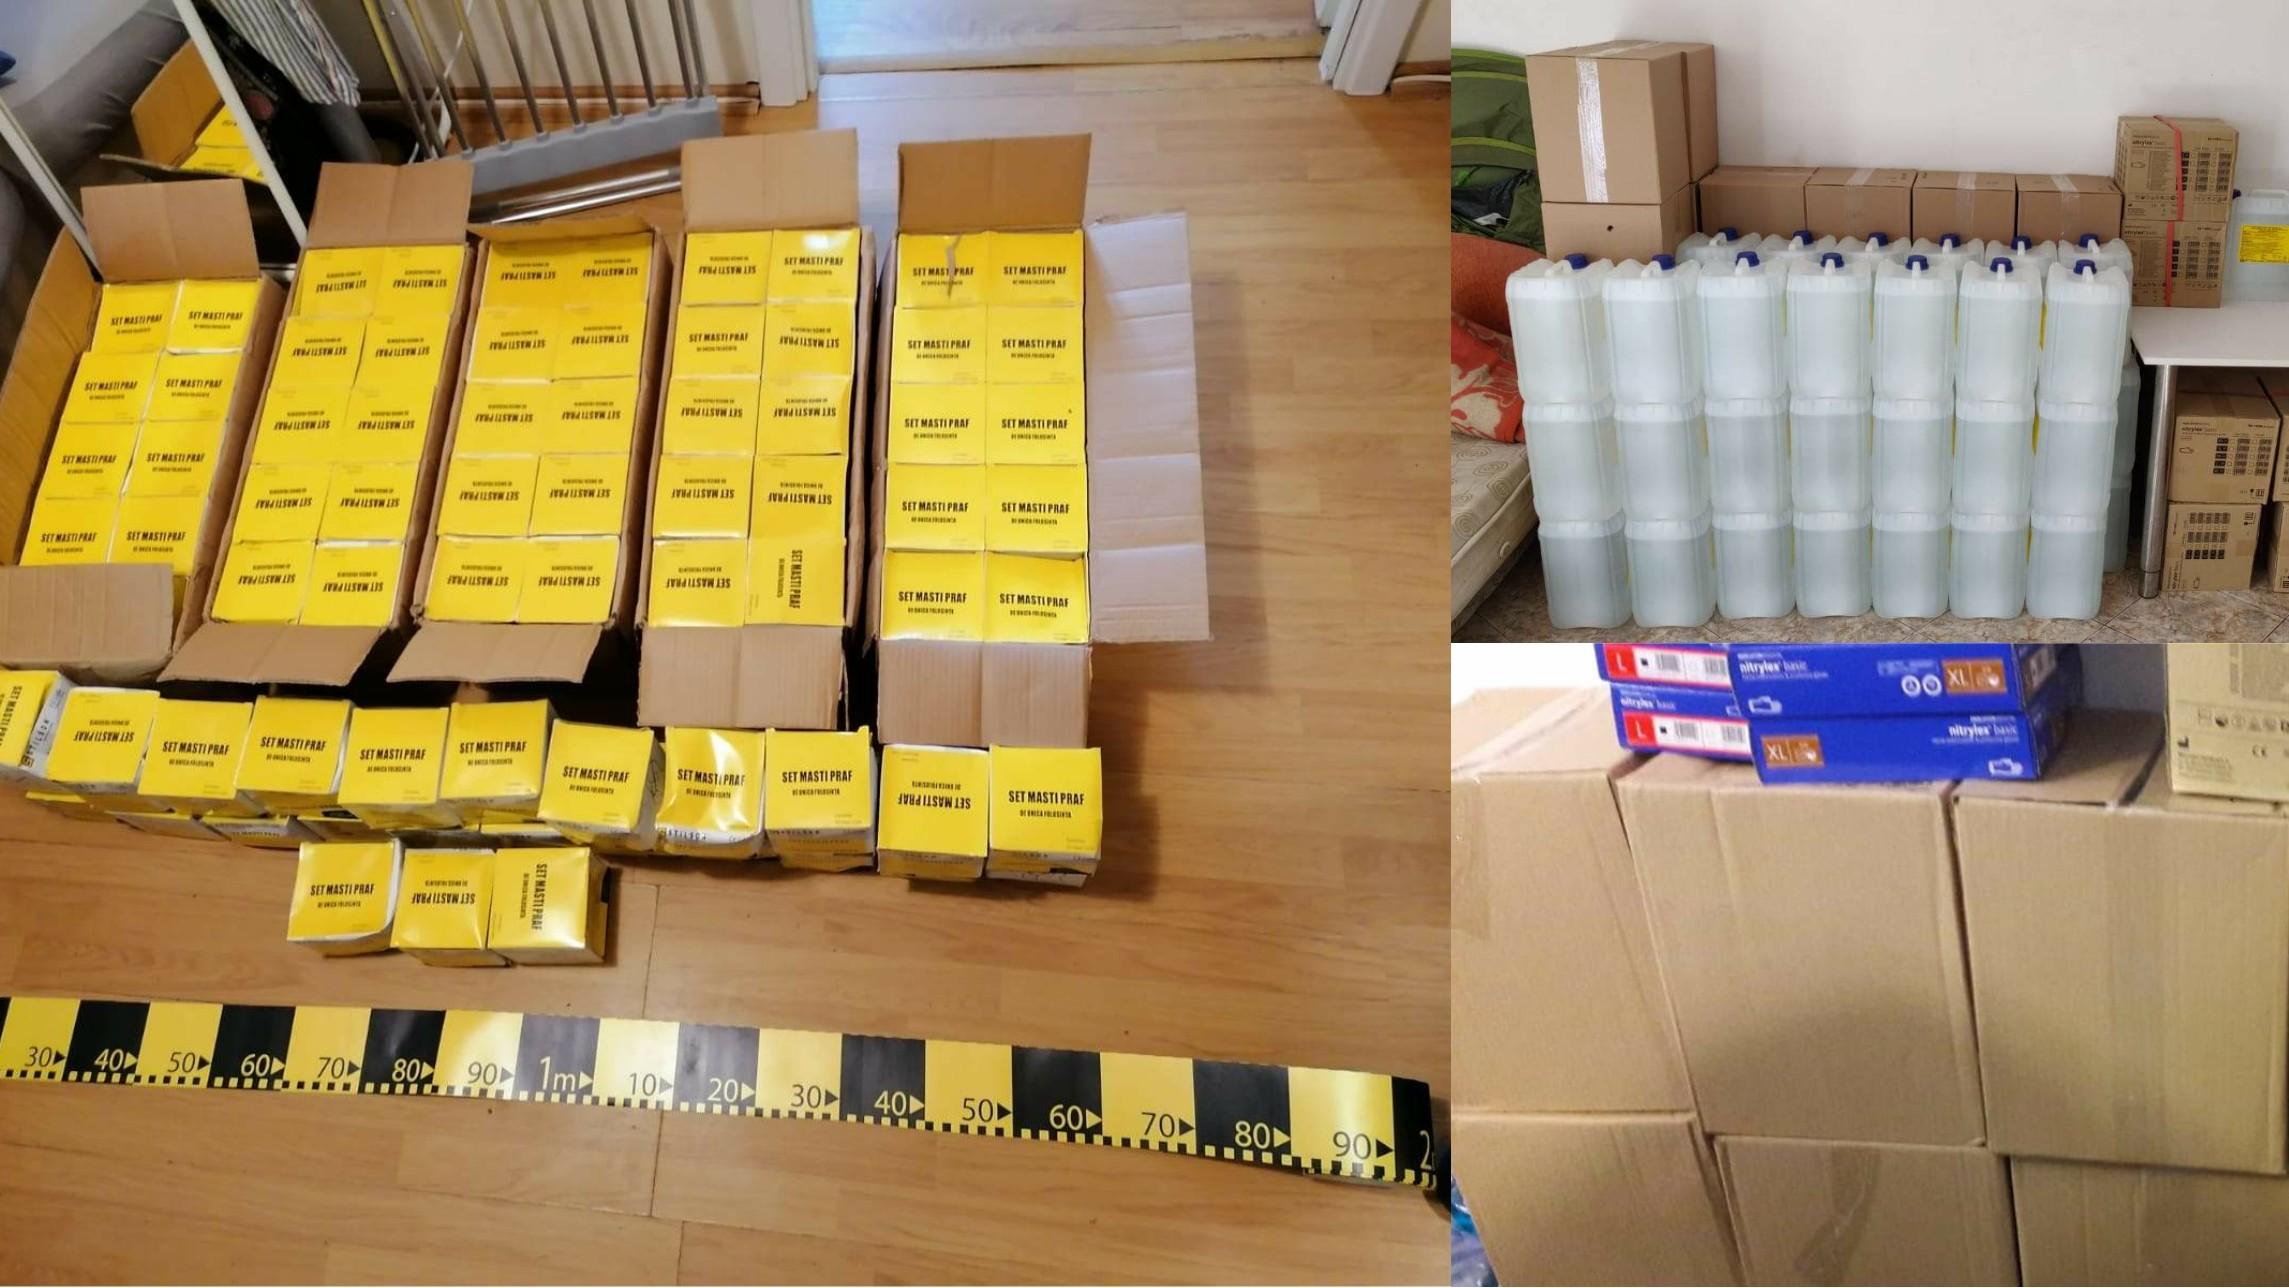 Comerț ilicit cu echipamente medicale de protecție: polițiștii au confiscat 9.000 de măşti, 10.000 de perechi de mănuşi și 600 de litri dezinfectant